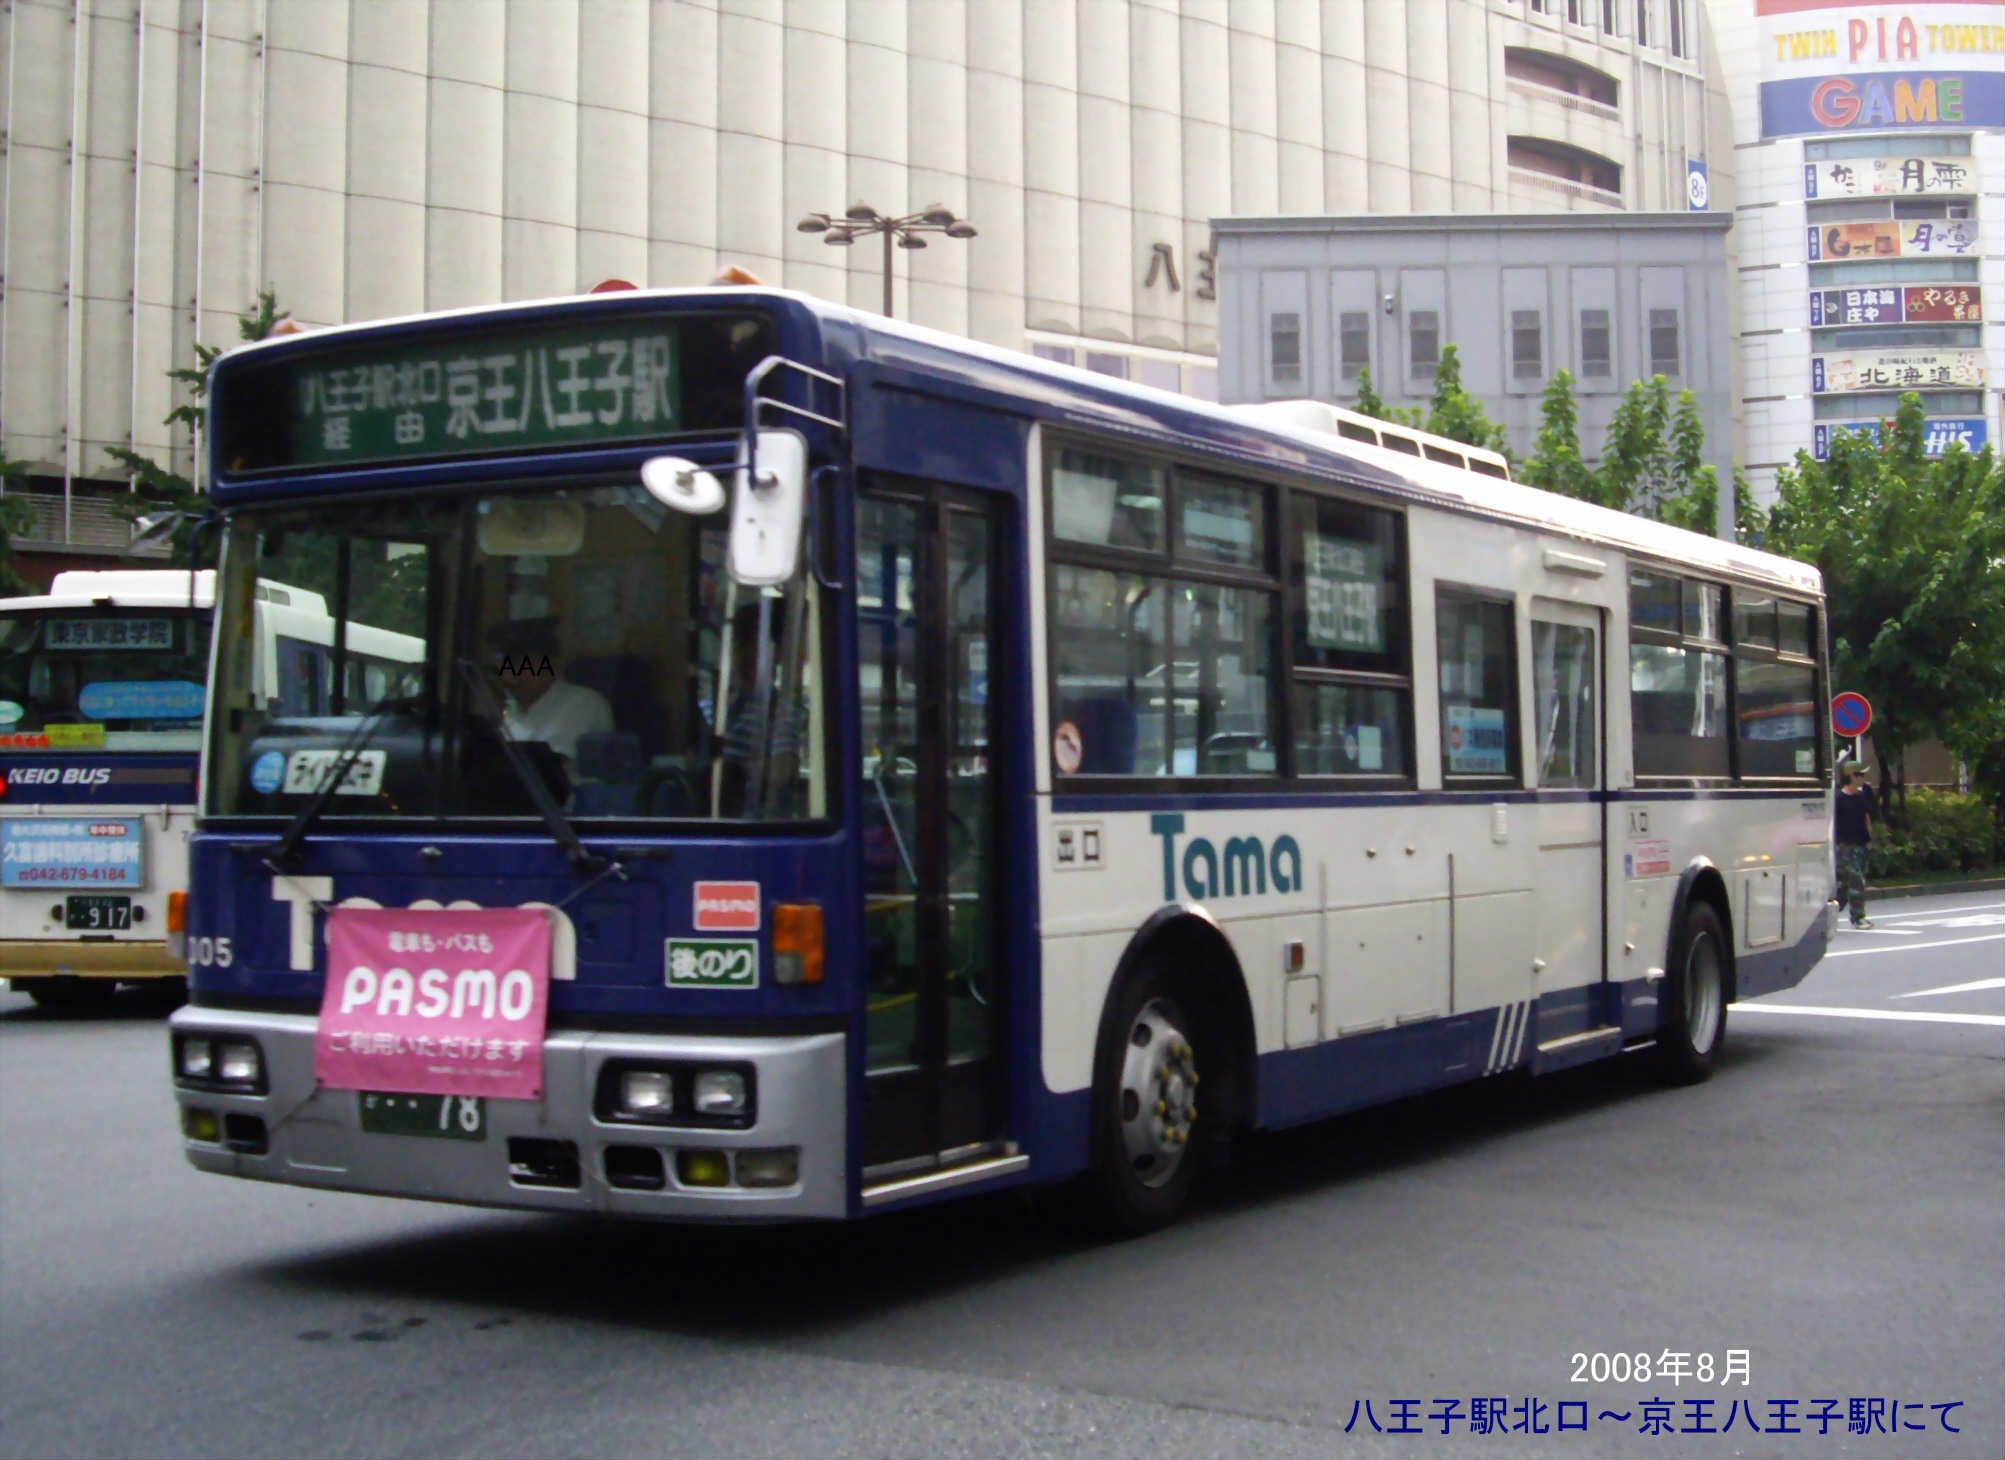 b0149766_20735.jpg